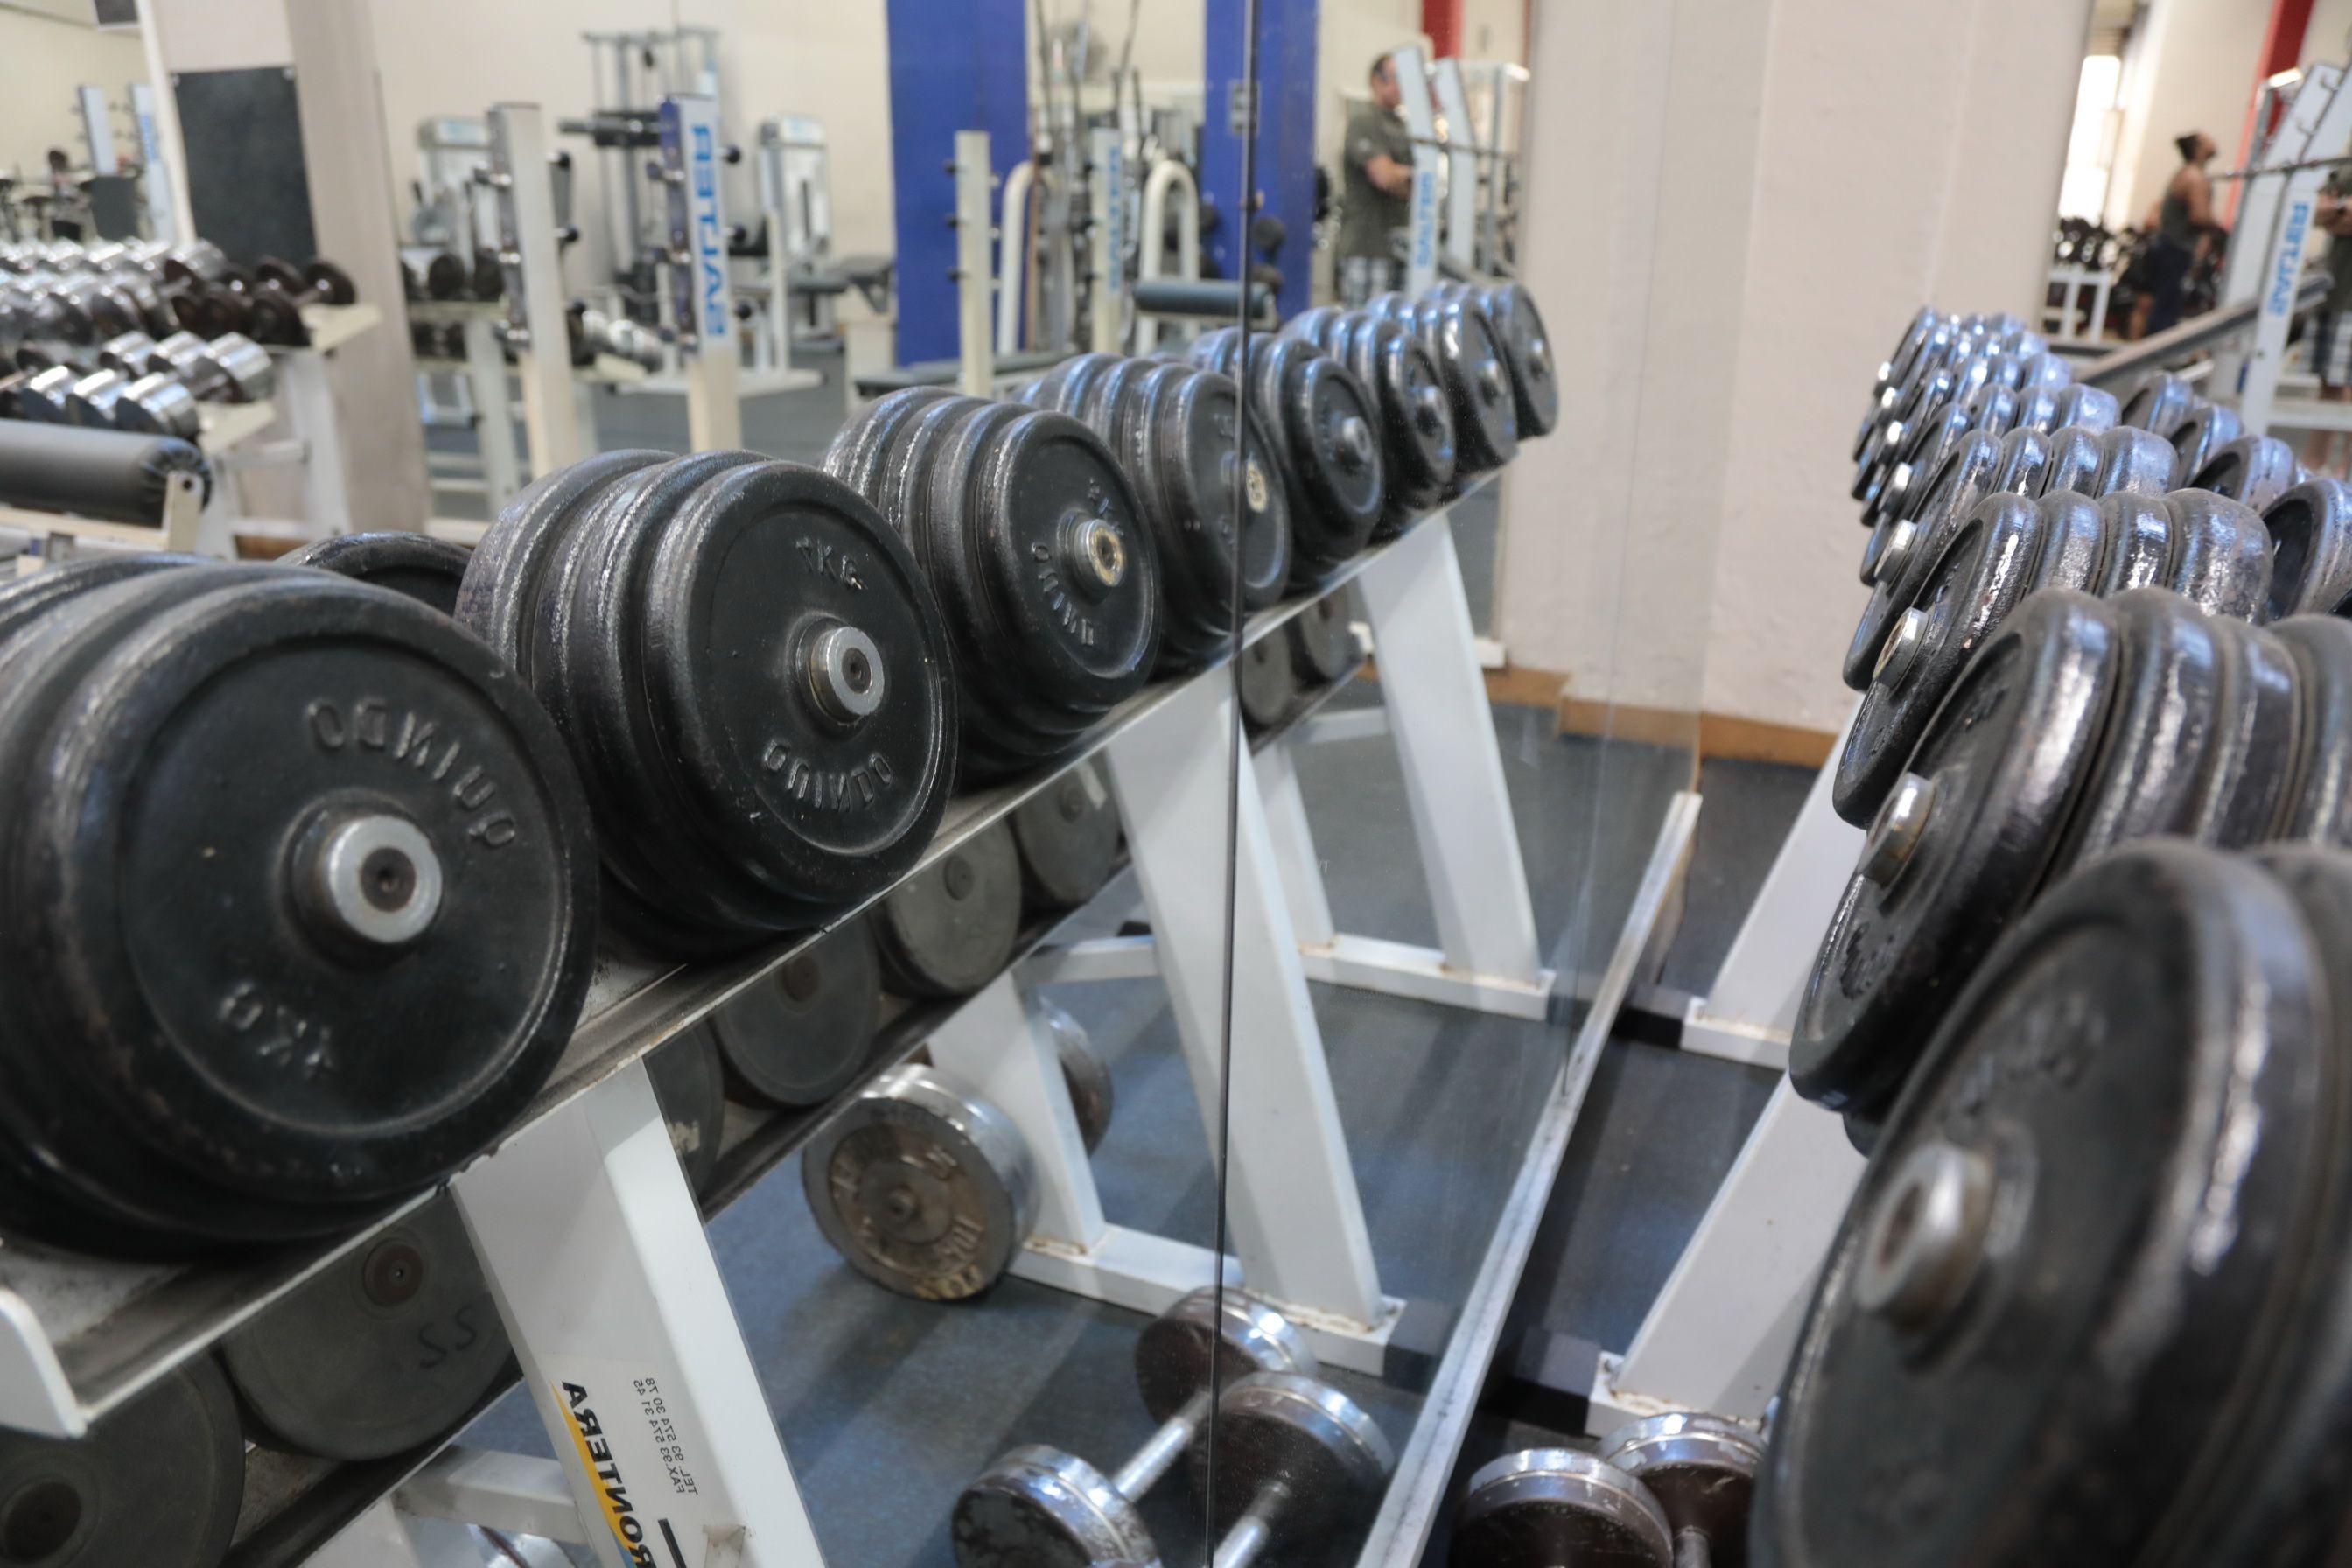 Amplias instalaciones para musculación